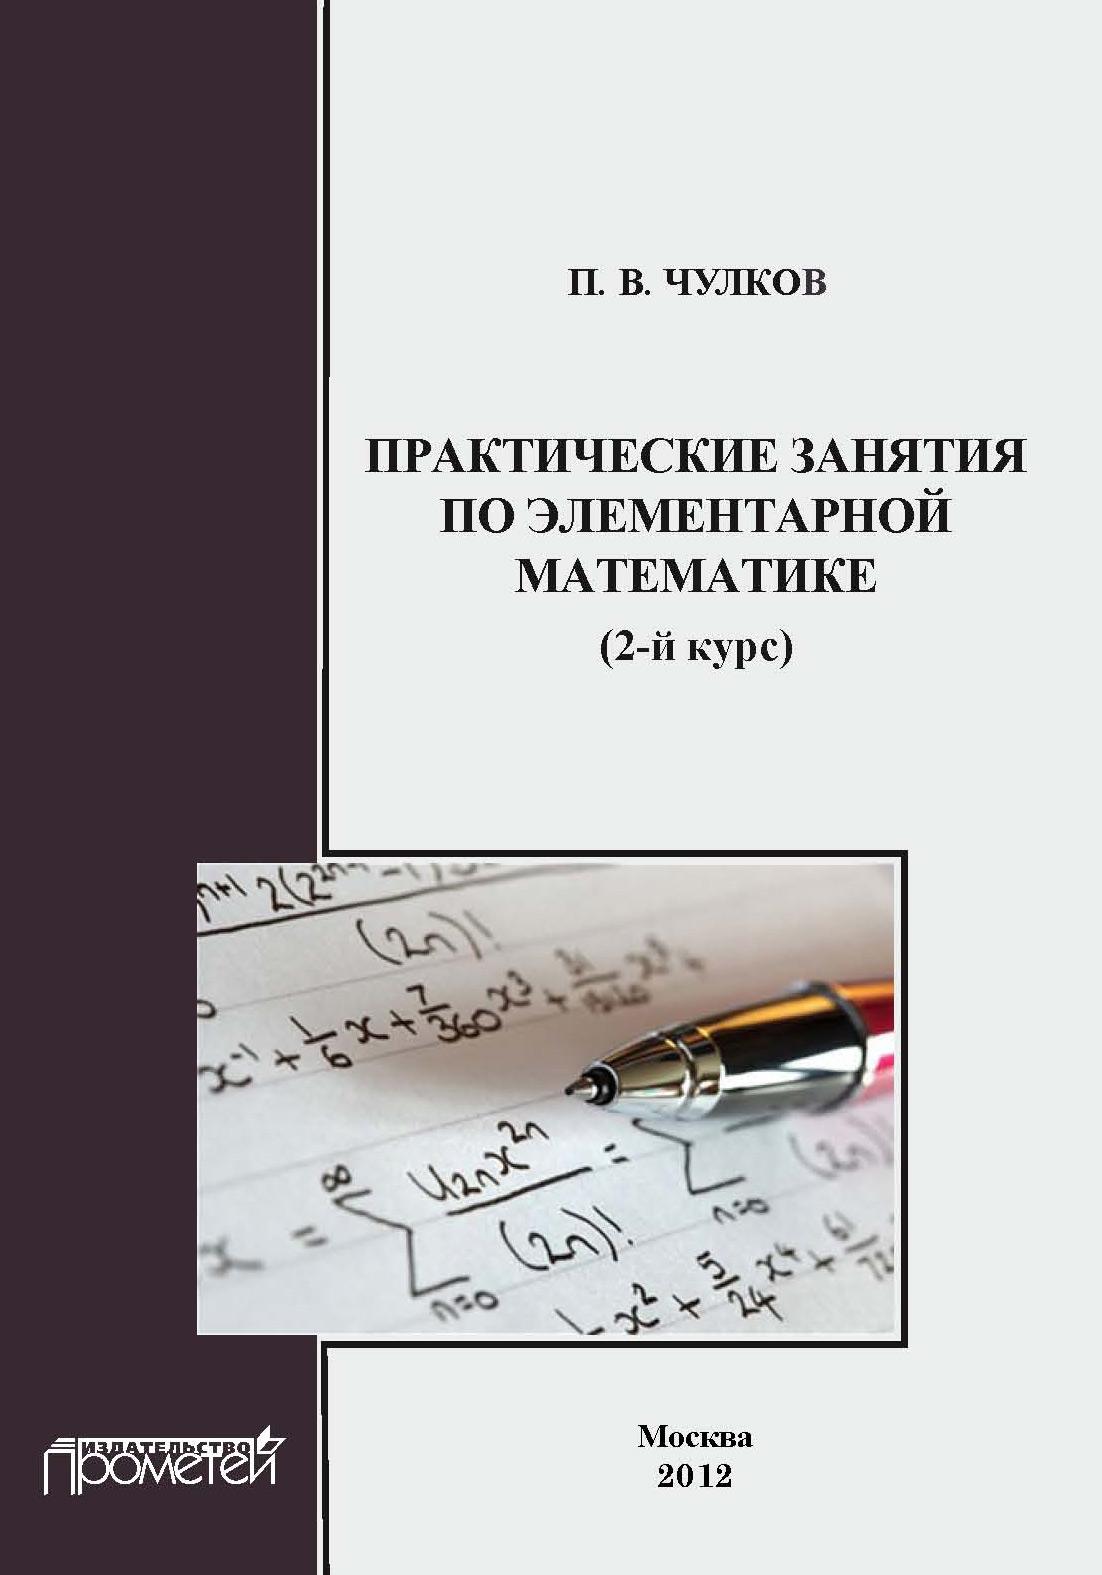 П. В. Чулков Практические занятия по элементарной математике (2-й курс) п в чулков практические занятия по элементарной математике 2 й курс